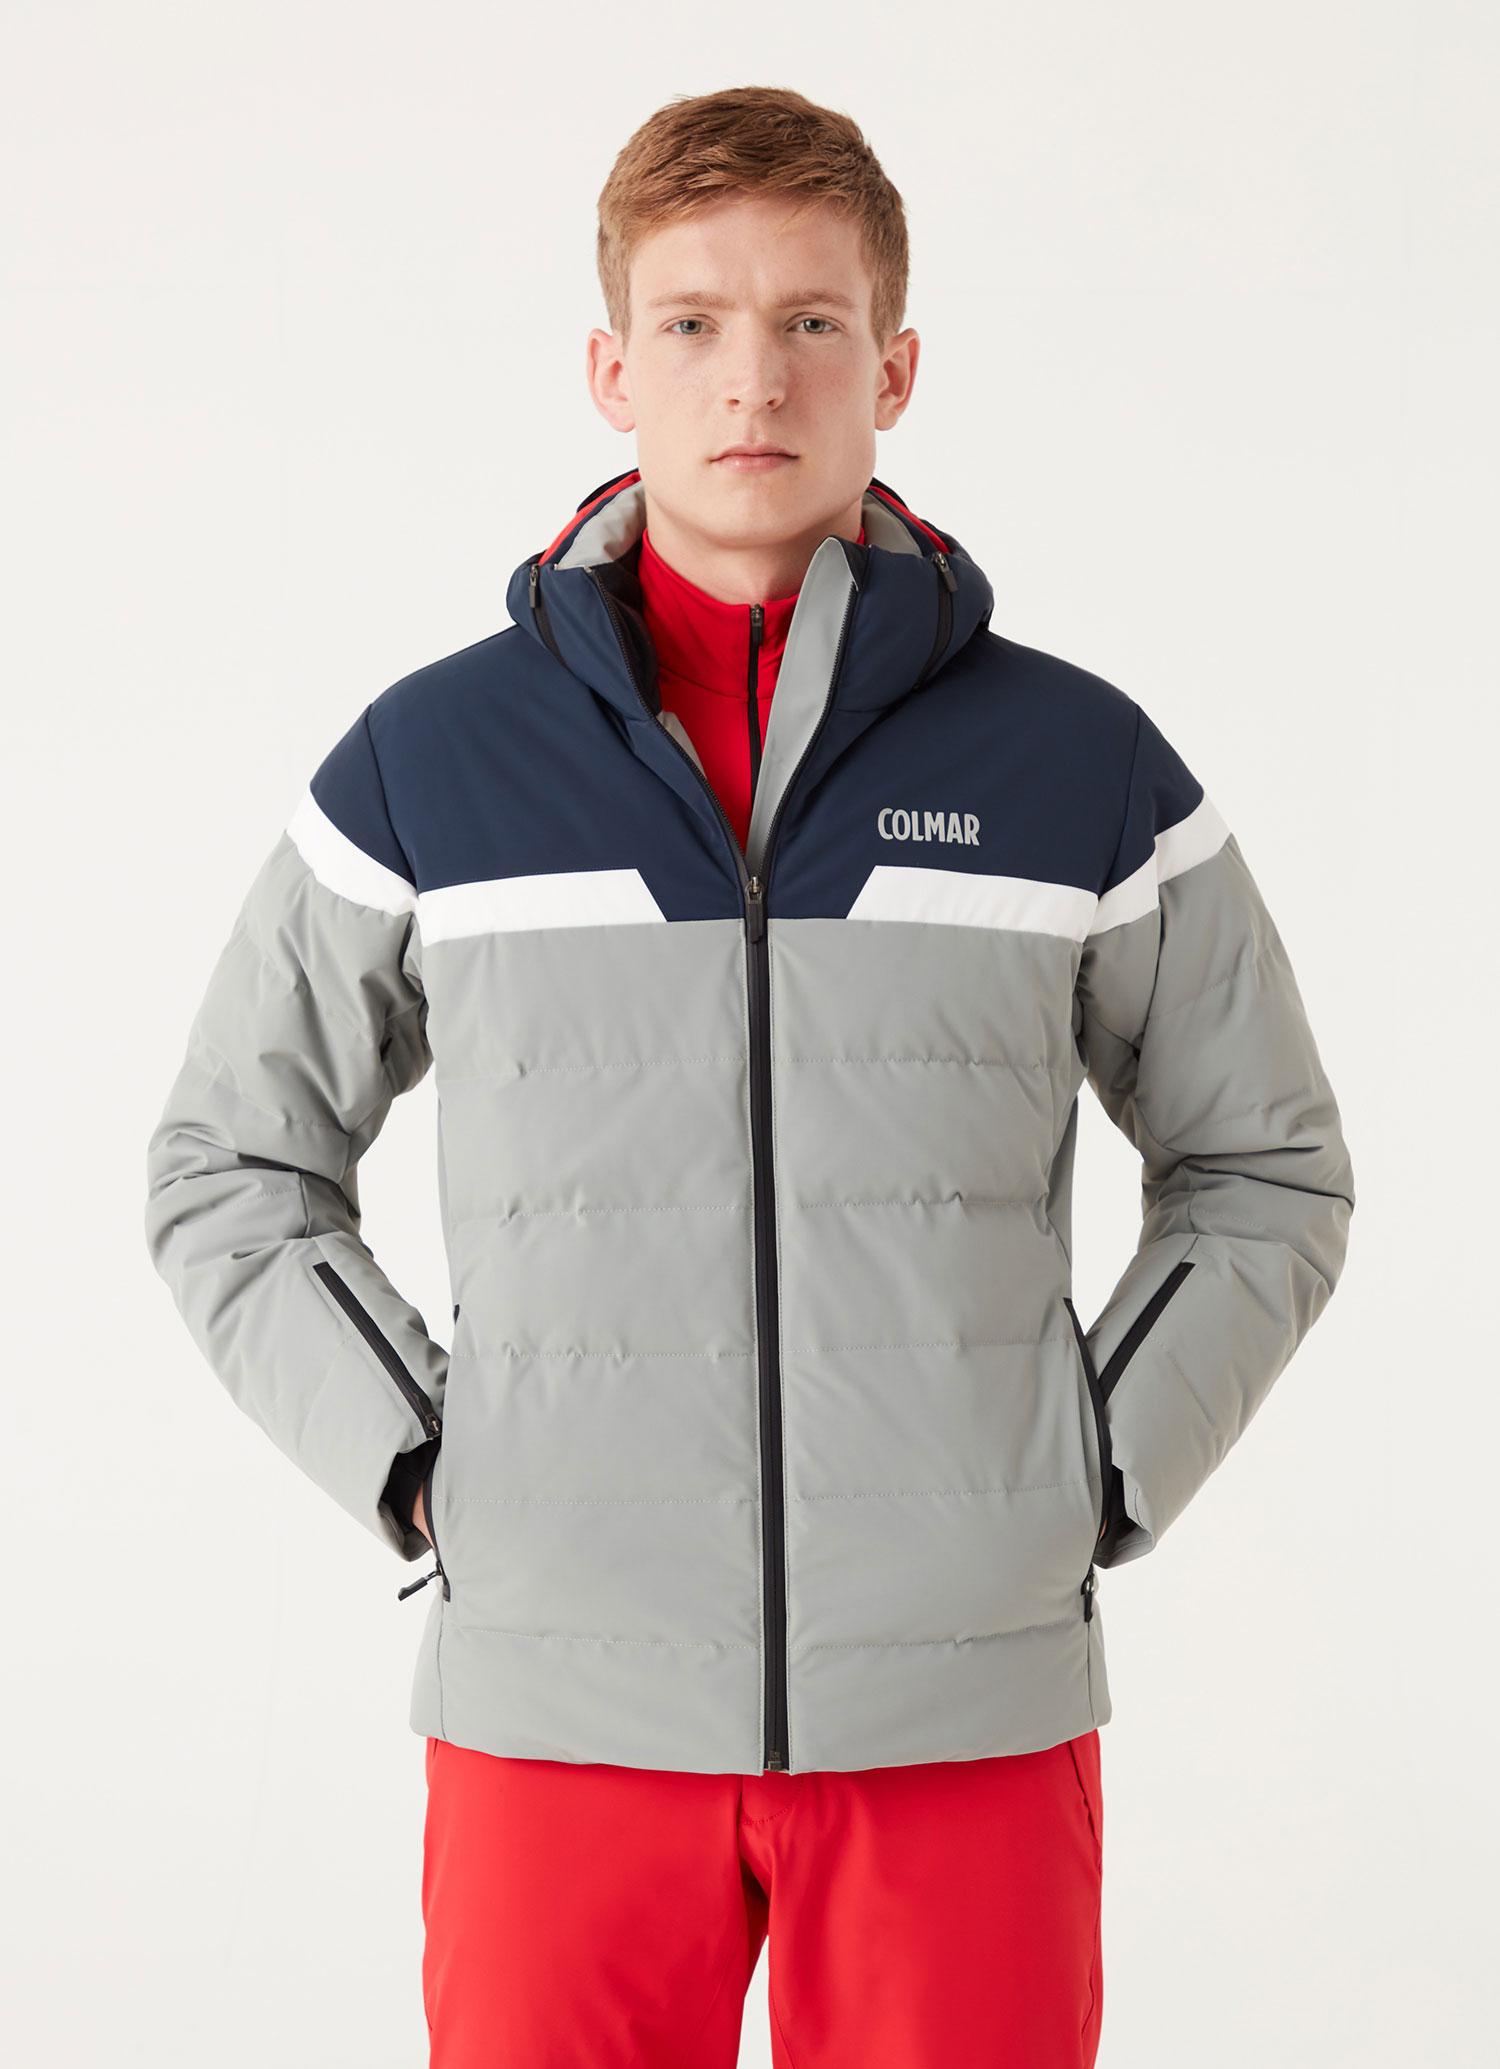 giacca colmar sci uomo stelvio